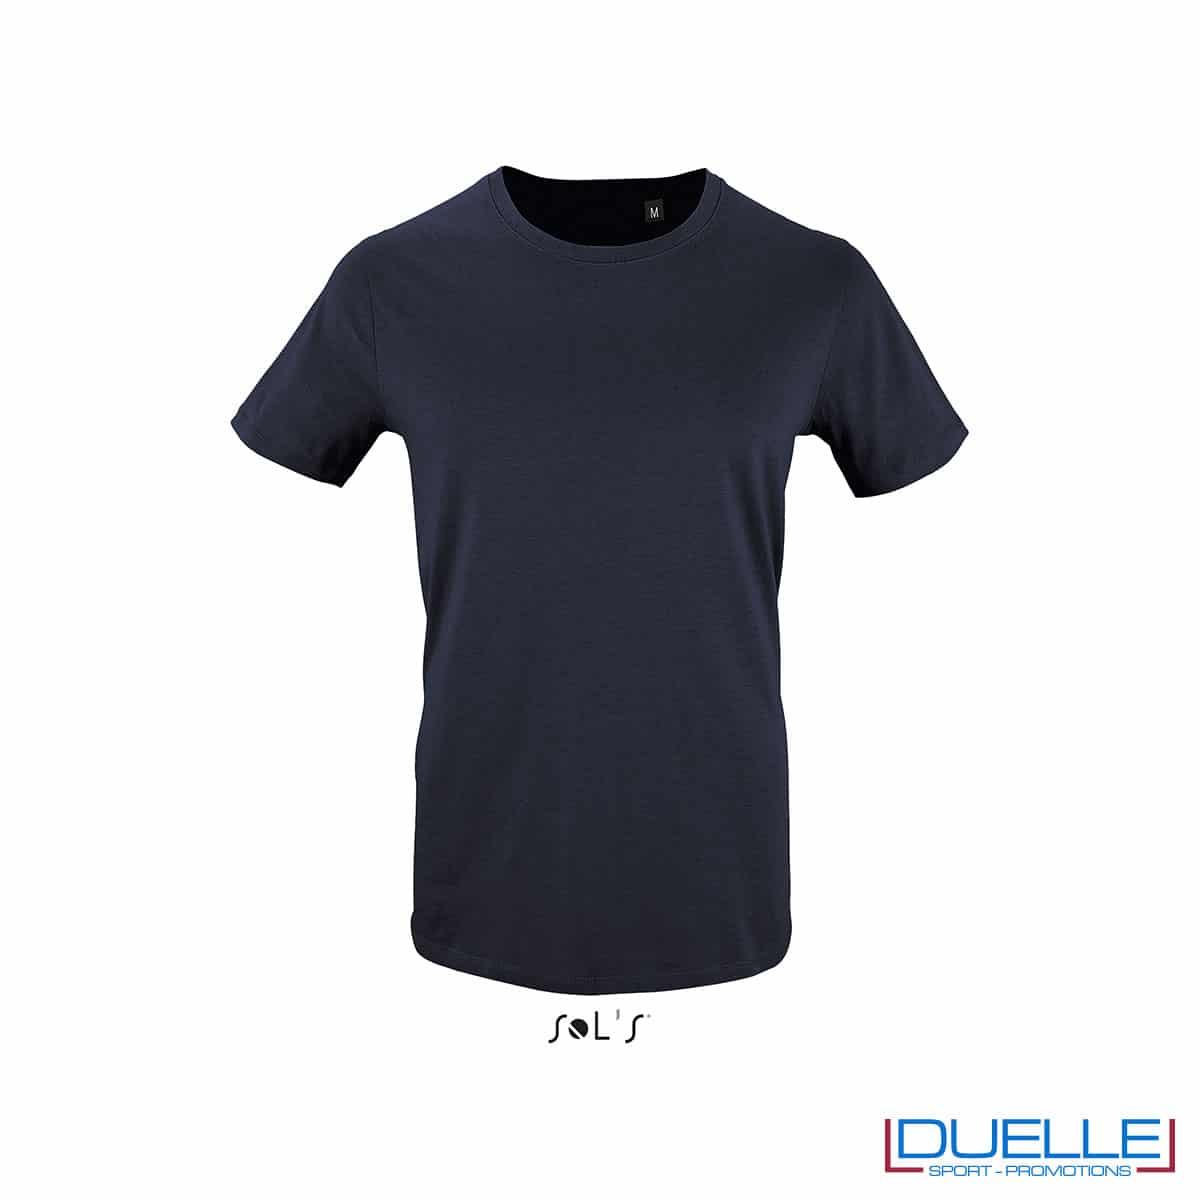 T-shirt 100% cotone biologico colore blu oltremare personalizzata con il tuo logo